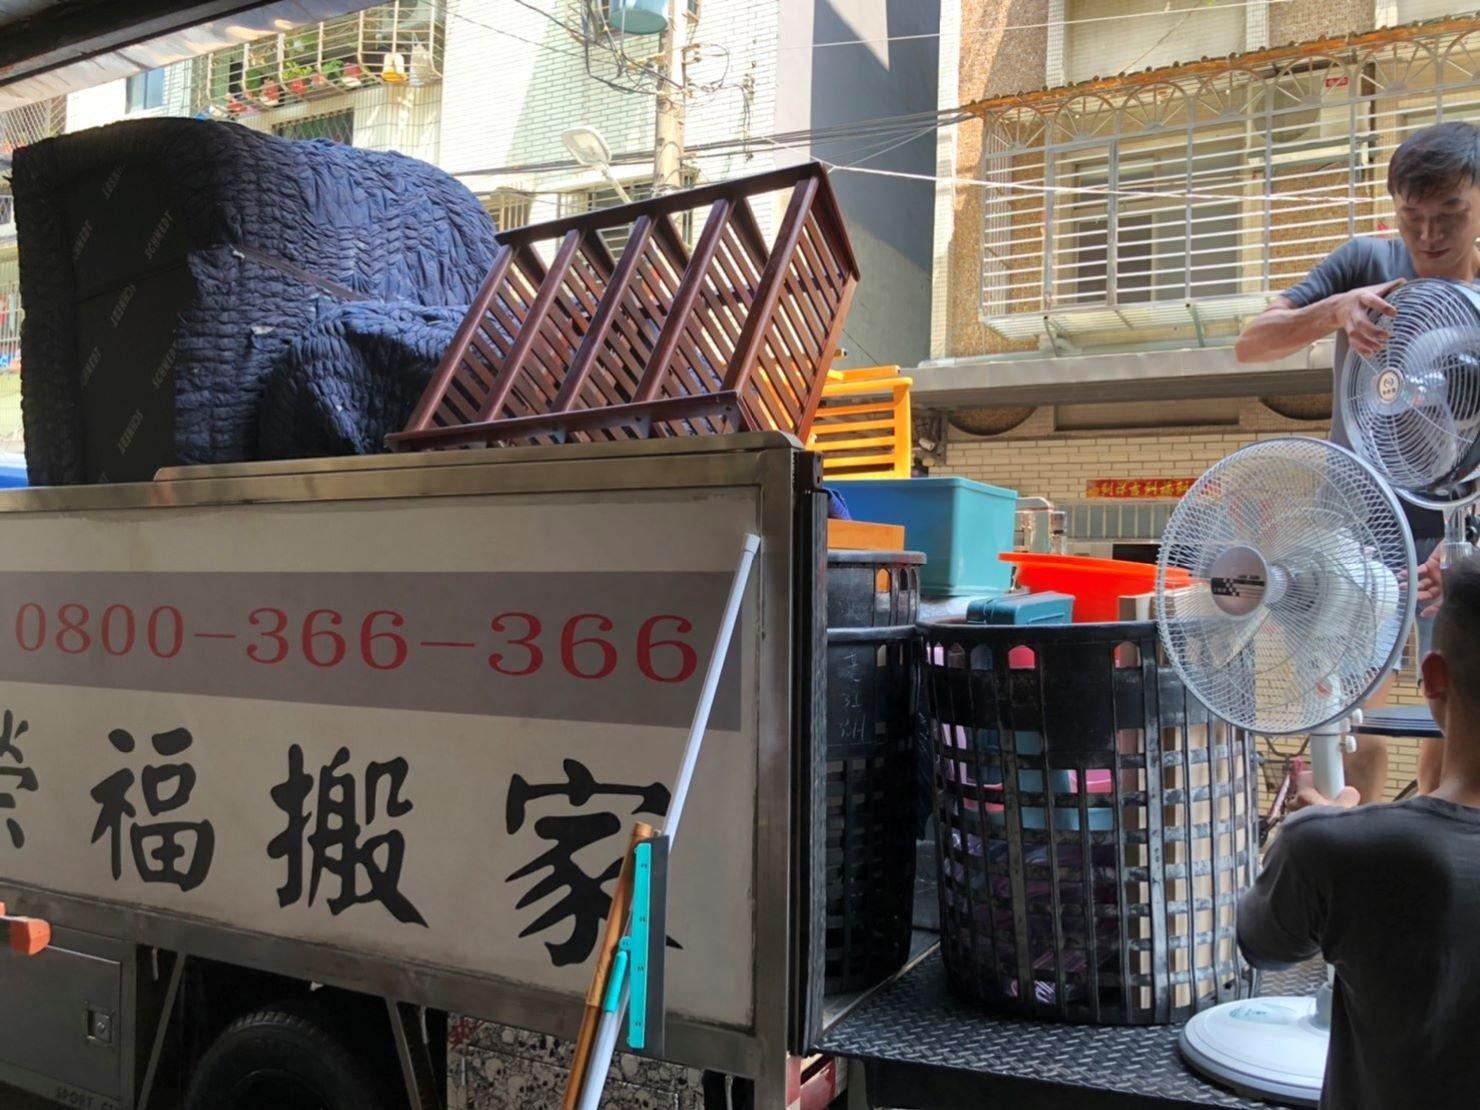 搬家【榮福搬家公司】專業搬家口碑第一、台北搬家:貨車堆疊都是以大型家具先上車再往外堆疊